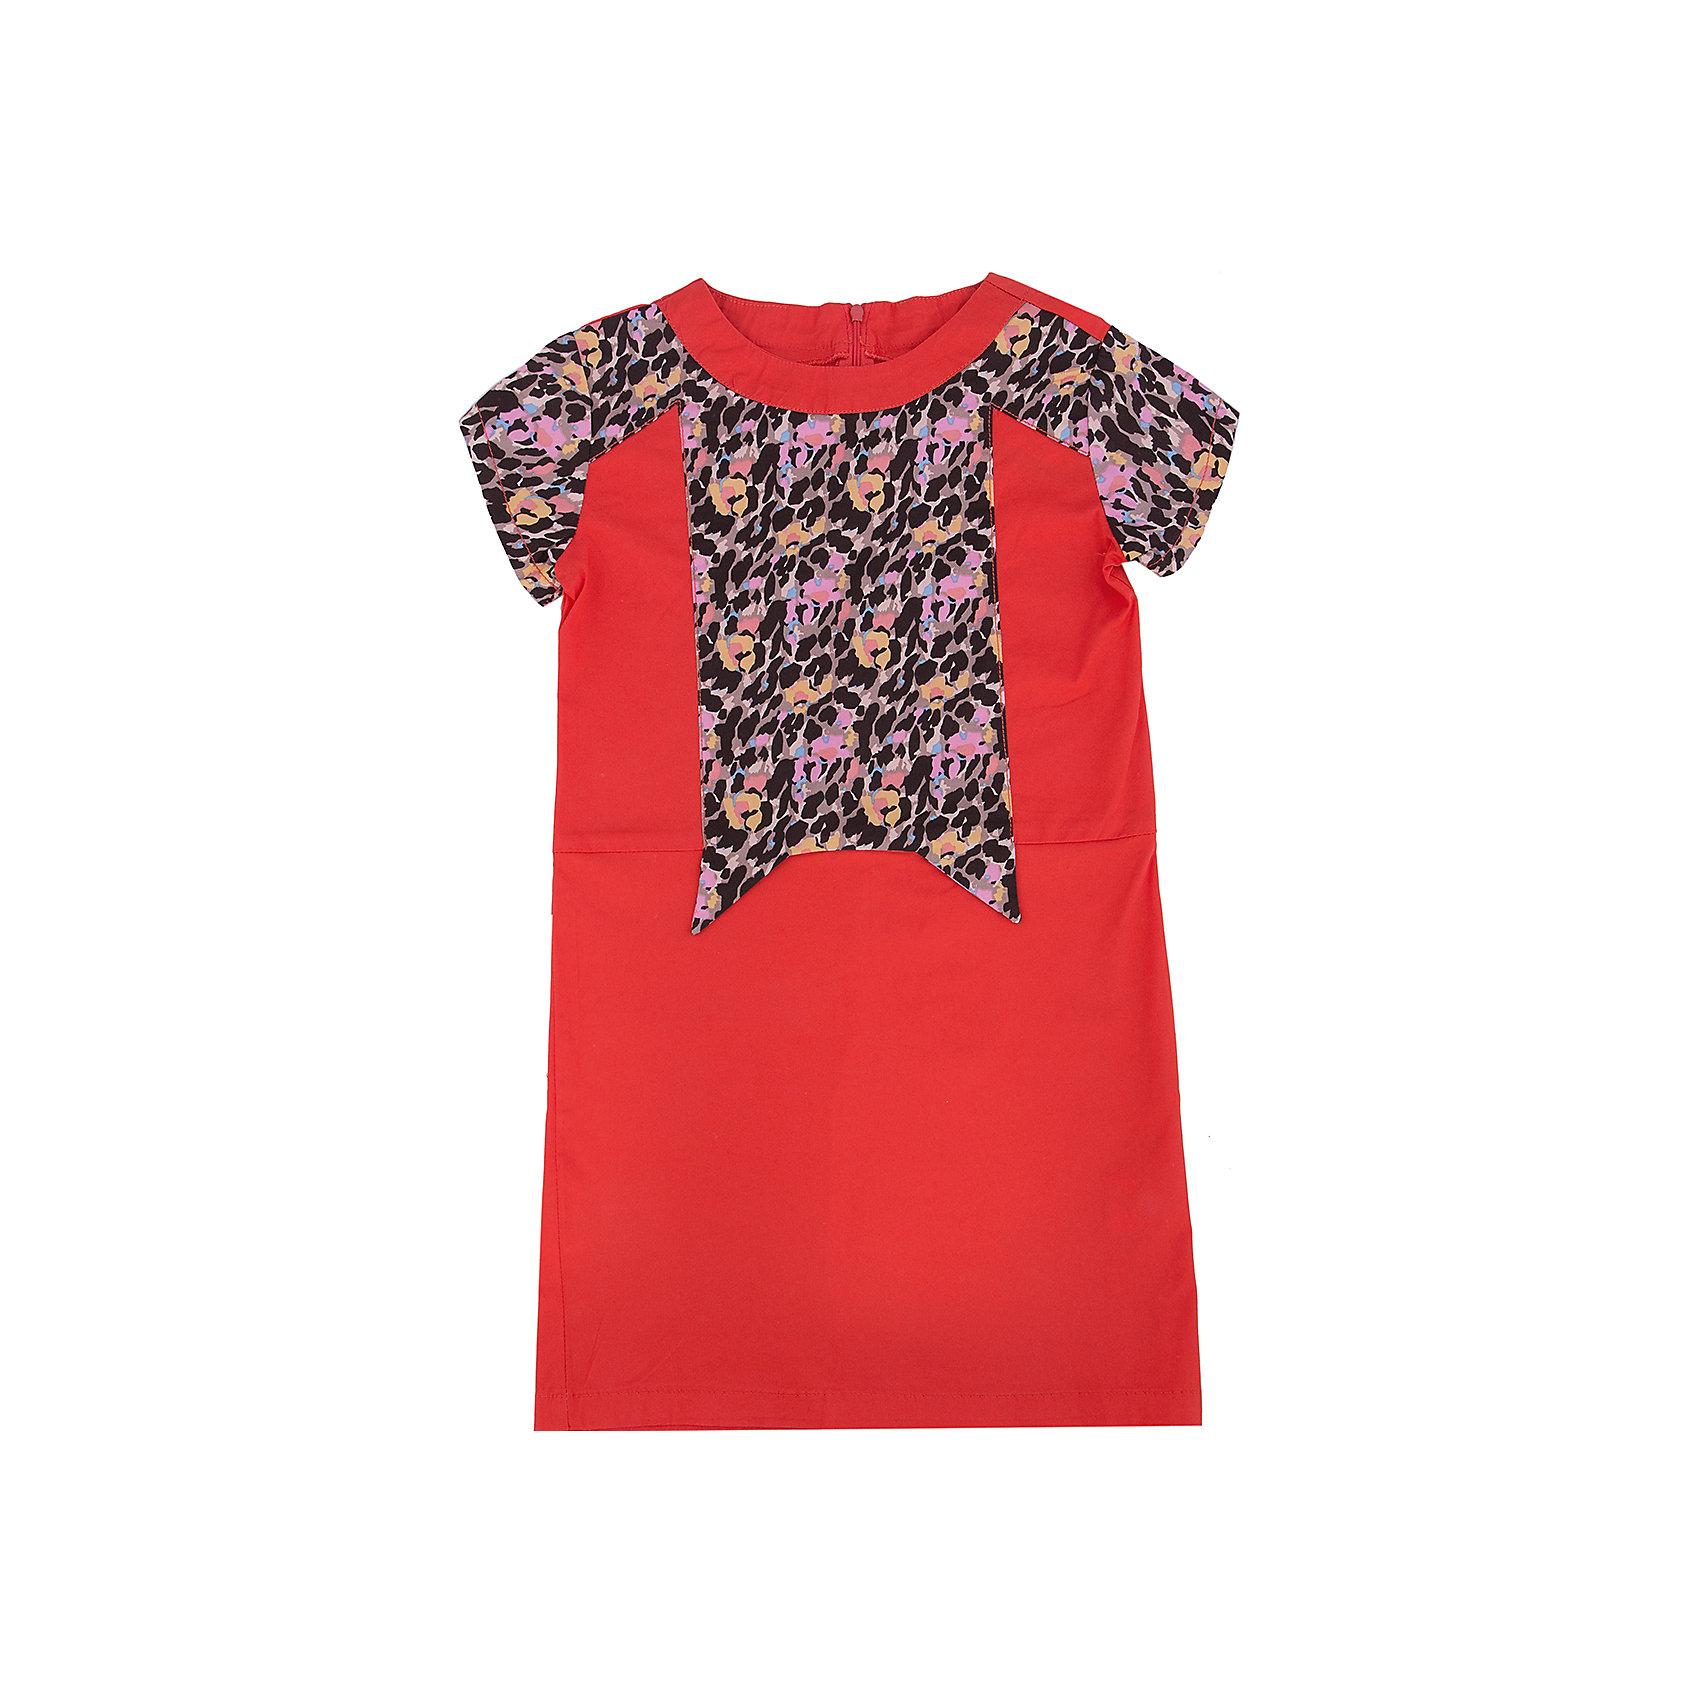 Платье для девочки PELICANОчень модное платье для девочки смотрится оригинально и нарядно. Оно поможет разнообразить гардероб ребенка, создать подходящий погоде ансамбль. Удобный крой и качественный материал обеспечат ребенку комфорт при ношении этих вещей. <br>Платье декорировано вставками со звериным принтом. Рукава короткие. На спине - молния. Материал платья преимущественно состоит из дышащего натурального хлопка, гипоаллергенного, отлично подходящего для детской одежды. <br><br>Дополнительная информация:<br><br>материал: 93% хлопок, 7% эластан;<br>цвет: разноцветный;<br>молния на спине;<br>декорировано вставками с принтом.<br><br>Платье для девочки от бренда PELICAN (Пеликан) можно купить в нашем магазине.<br><br>Ширина мм: 236<br>Глубина мм: 16<br>Высота мм: 184<br>Вес г: 177<br>Цвет: красный<br>Возраст от месяцев: 96<br>Возраст до месяцев: 108<br>Пол: Женский<br>Возраст: Детский<br>Размер: 134,146,140,122,128<br>SKU: 4805184